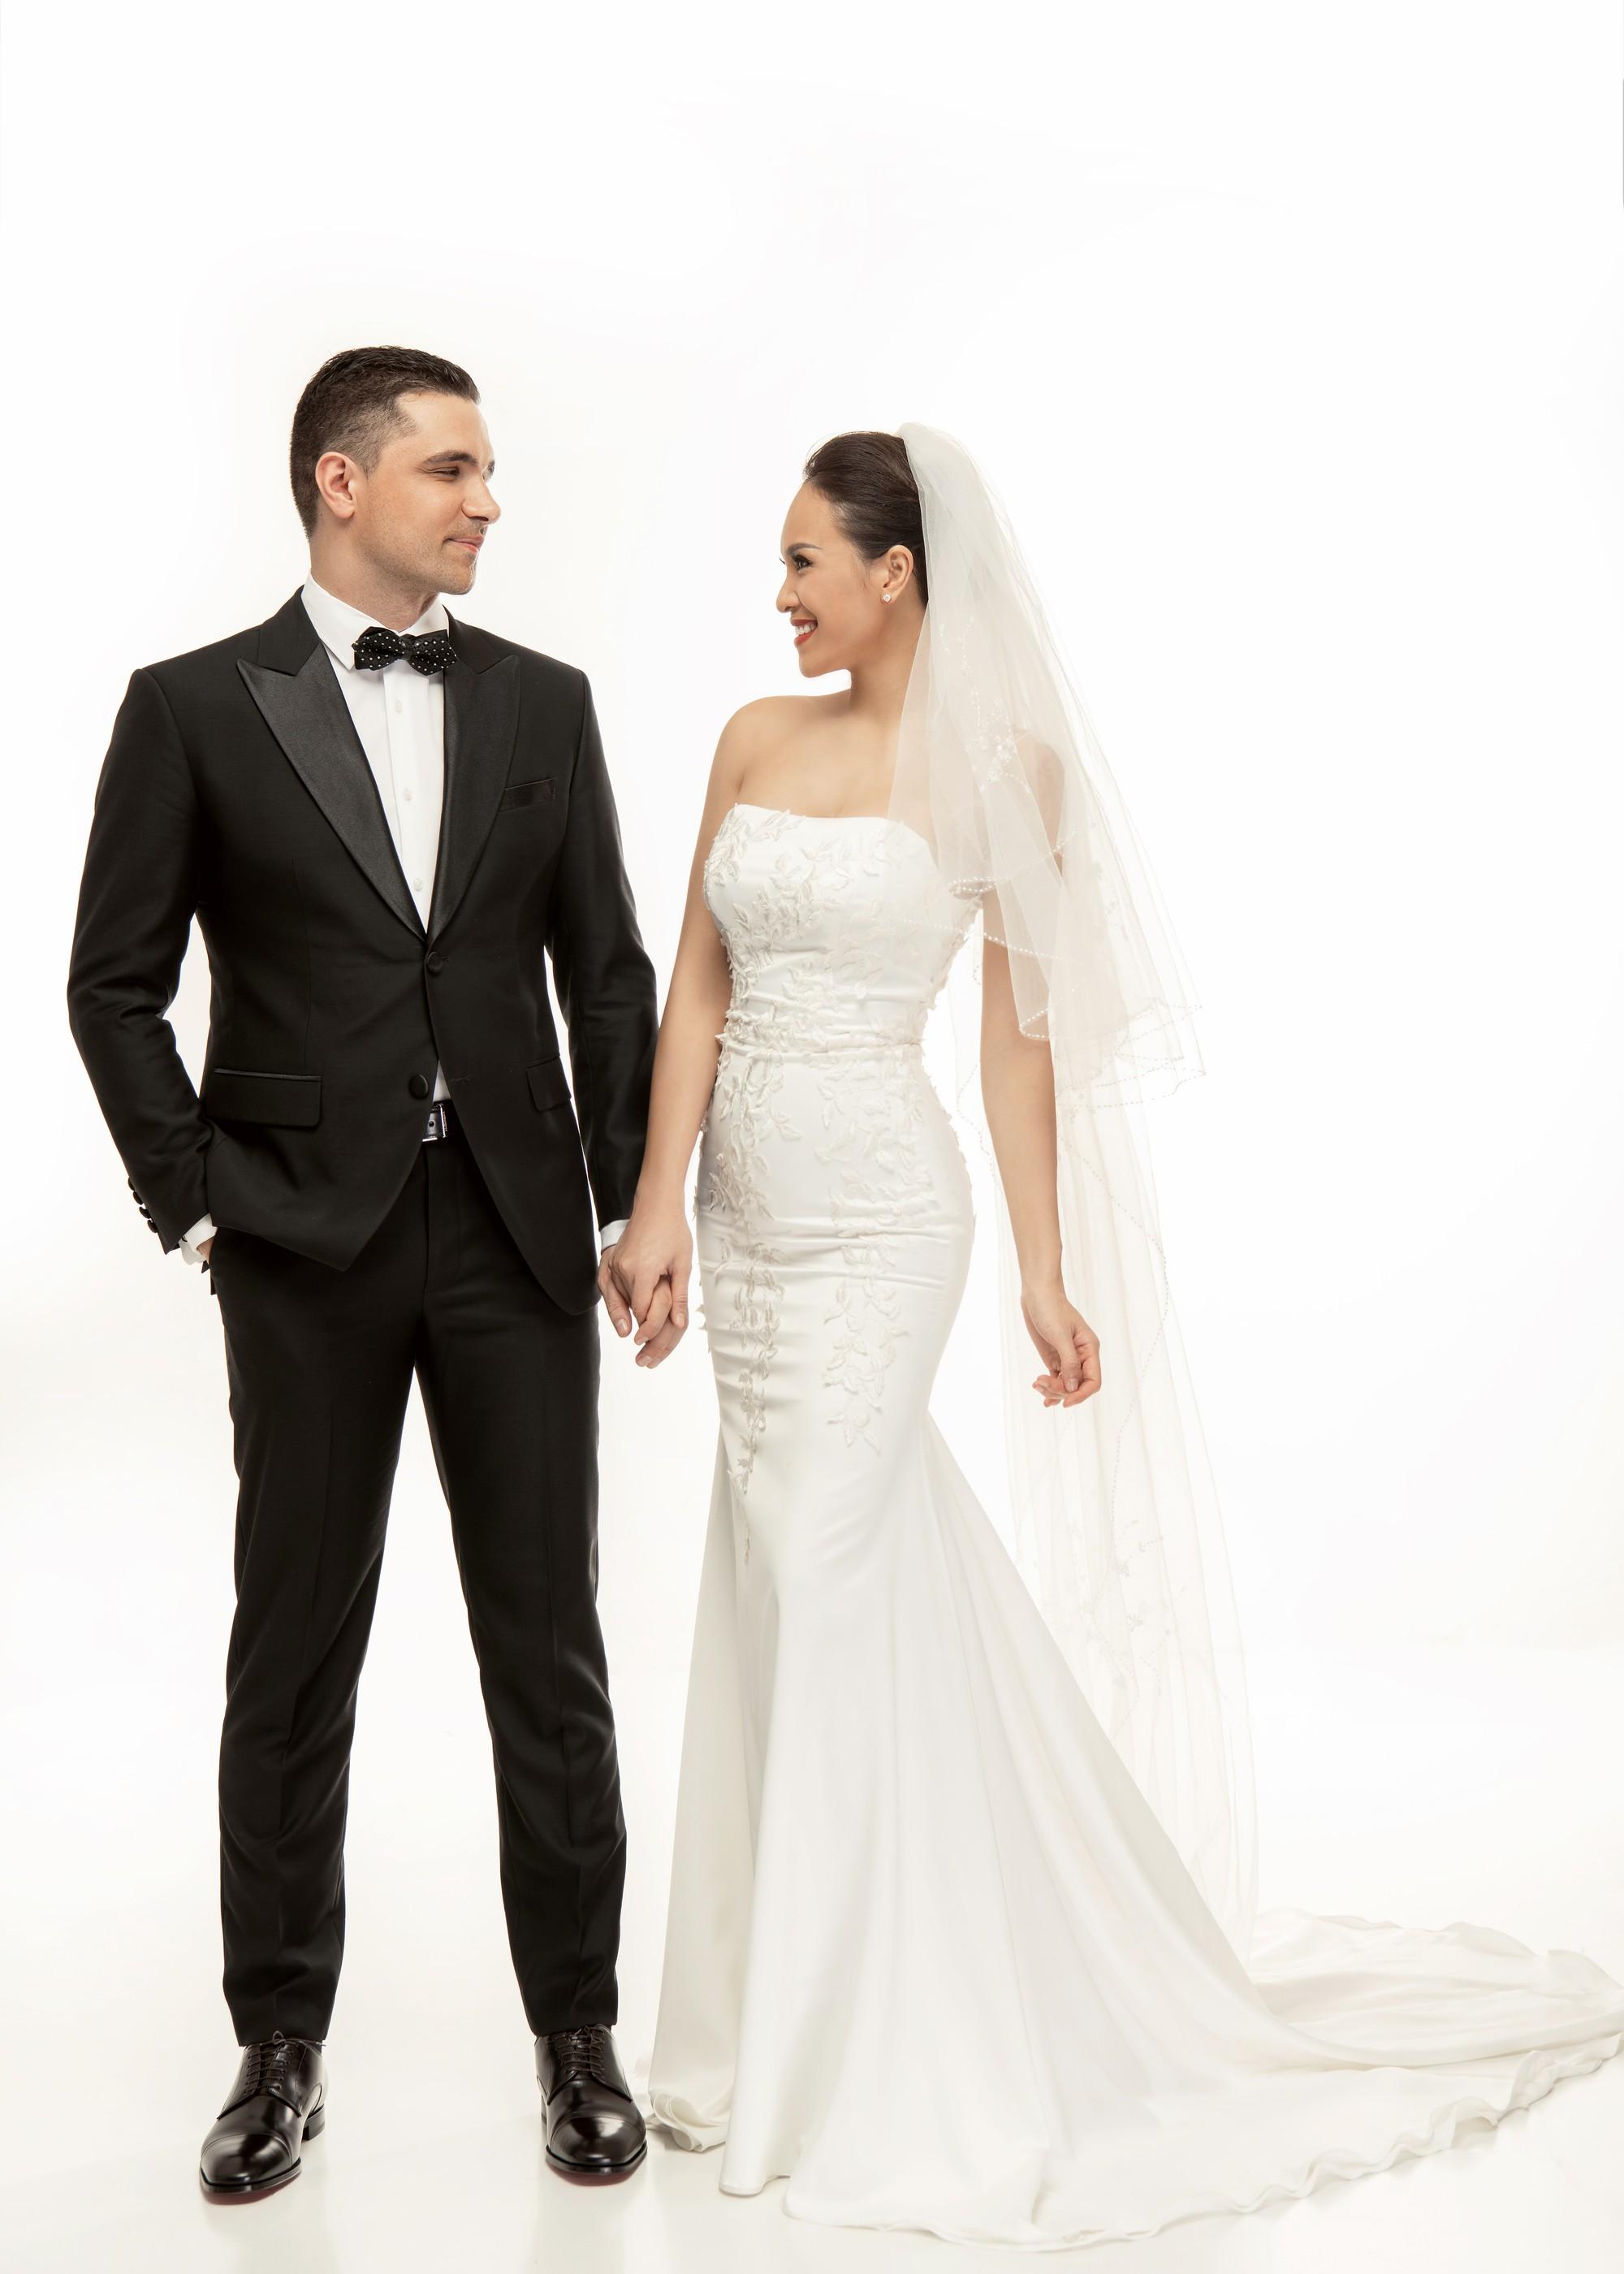 Trọn bộ ảnh cưới ngọt ngào đến tan chảy của Phương Mai và chồng Tây đẹp trai như tài tử - Ảnh 5.